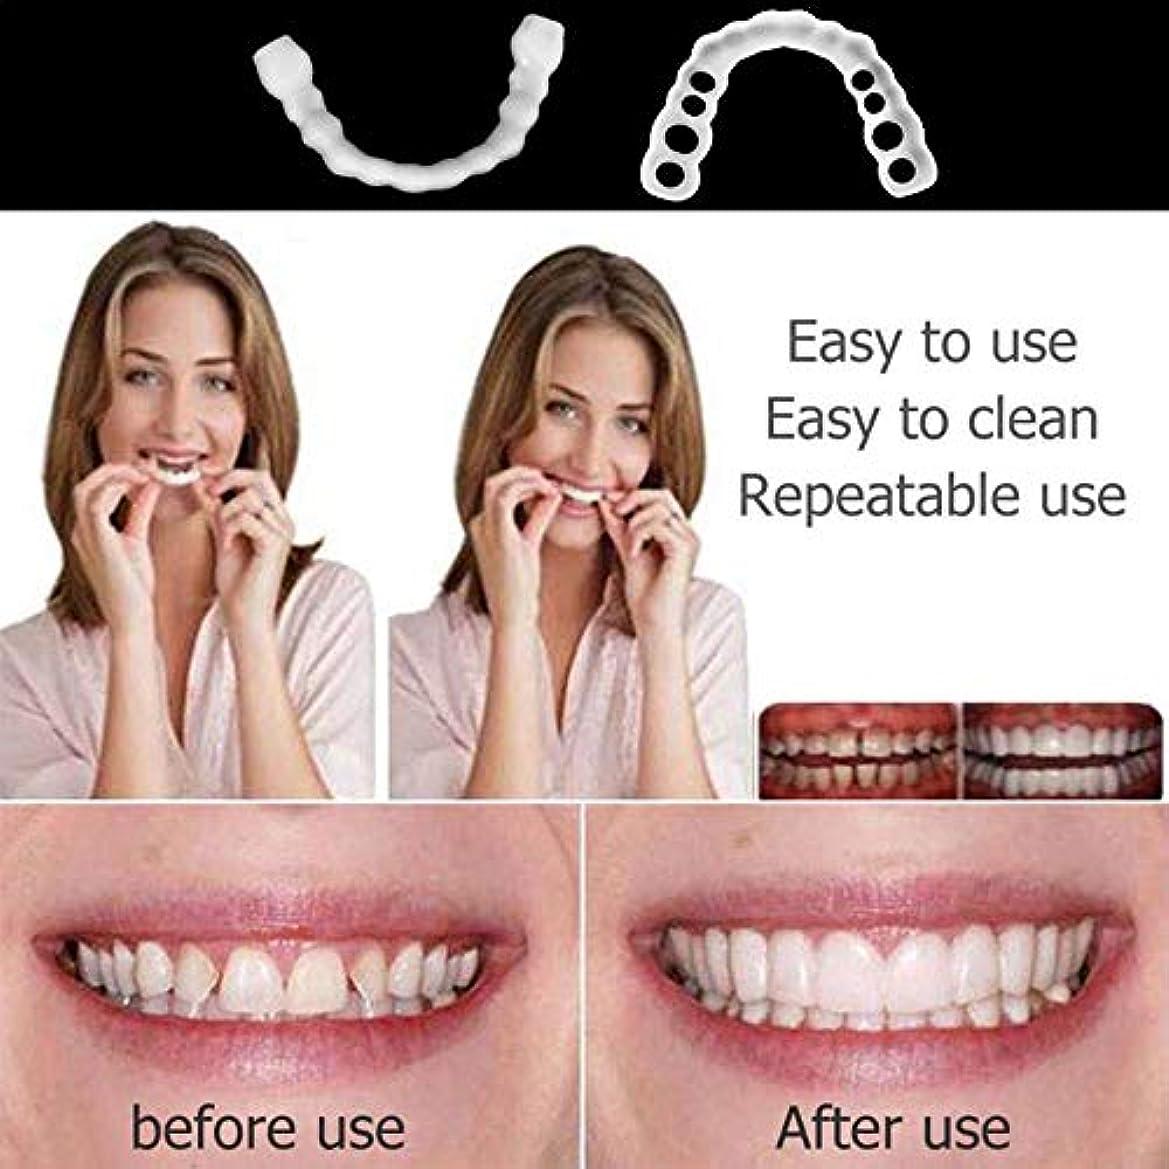 砂緩めるパン屋5ピースシリコンアッパー偽の歯偽歯カバーホワイトニング義歯口腔ケア歯ホワイトニング2019歯科口腔ケア